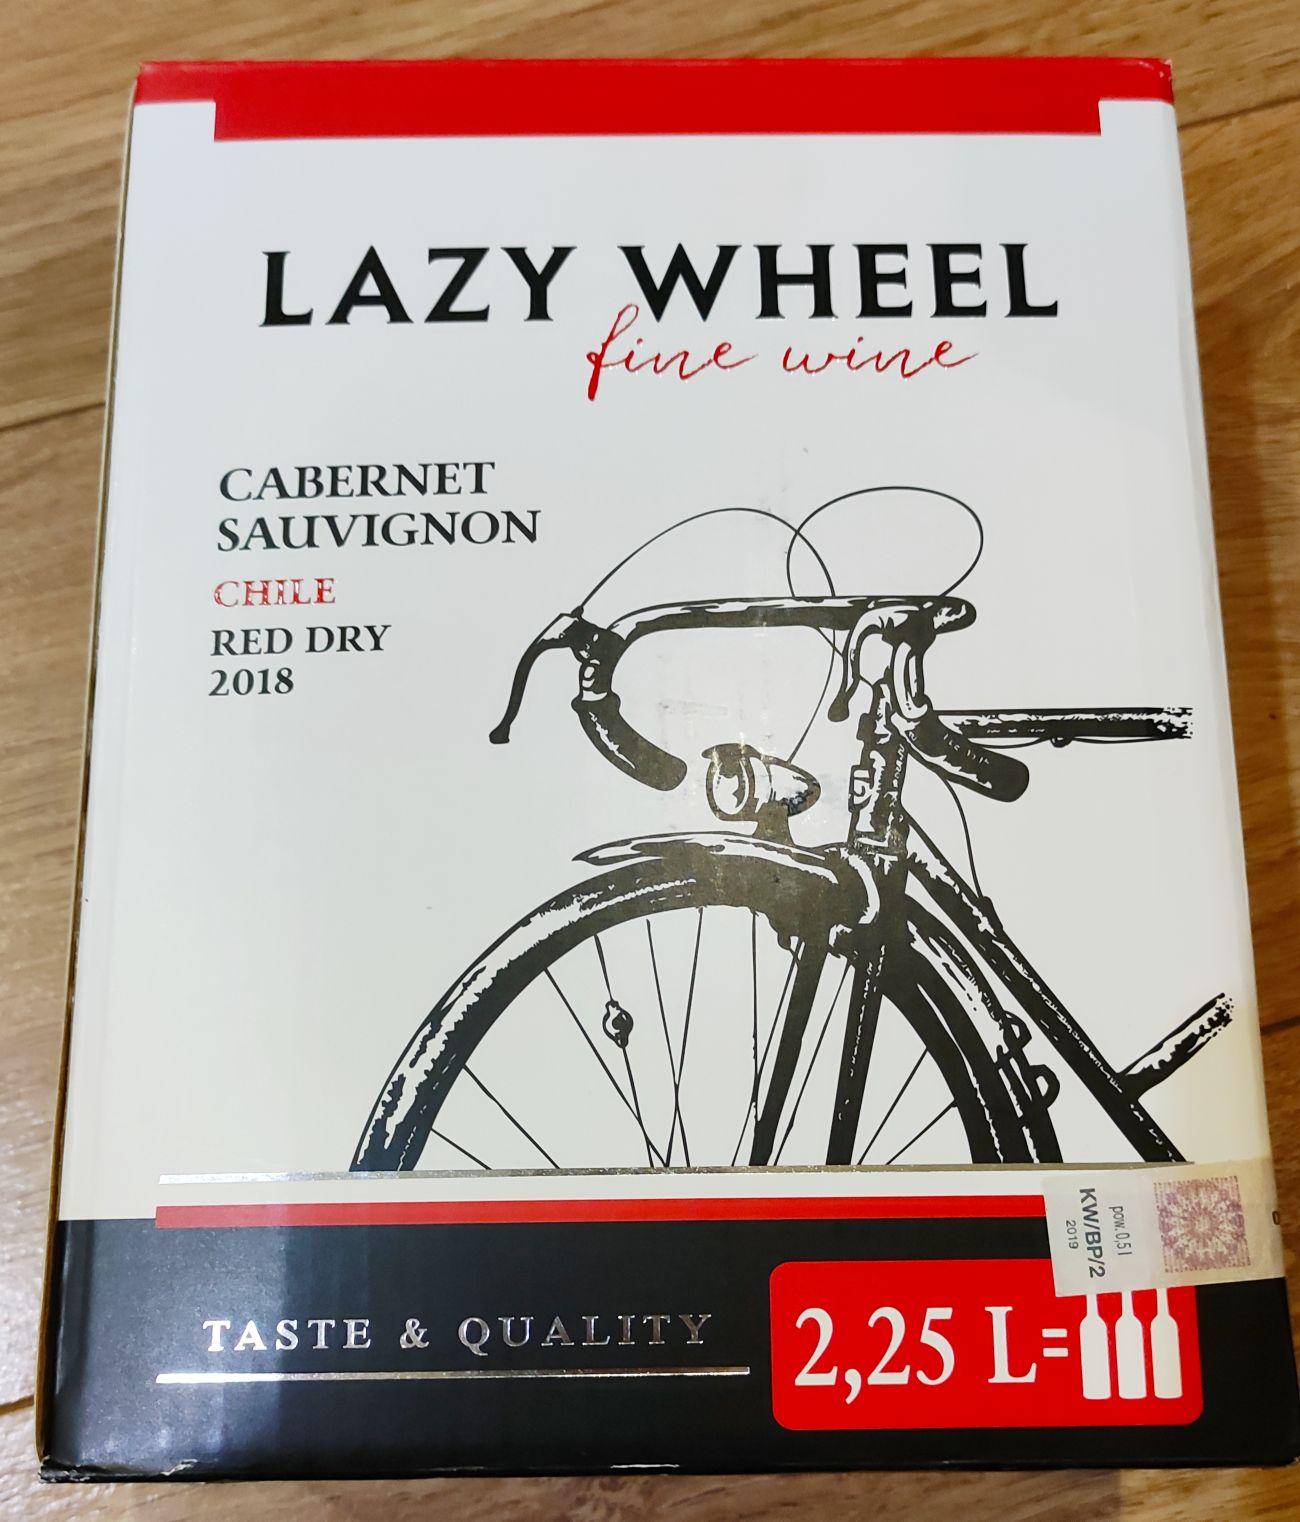 Wino Lazy Wheel Cabernet Sauvignon Chile 2018 Red Dry poj. 2.25L - Biedronka